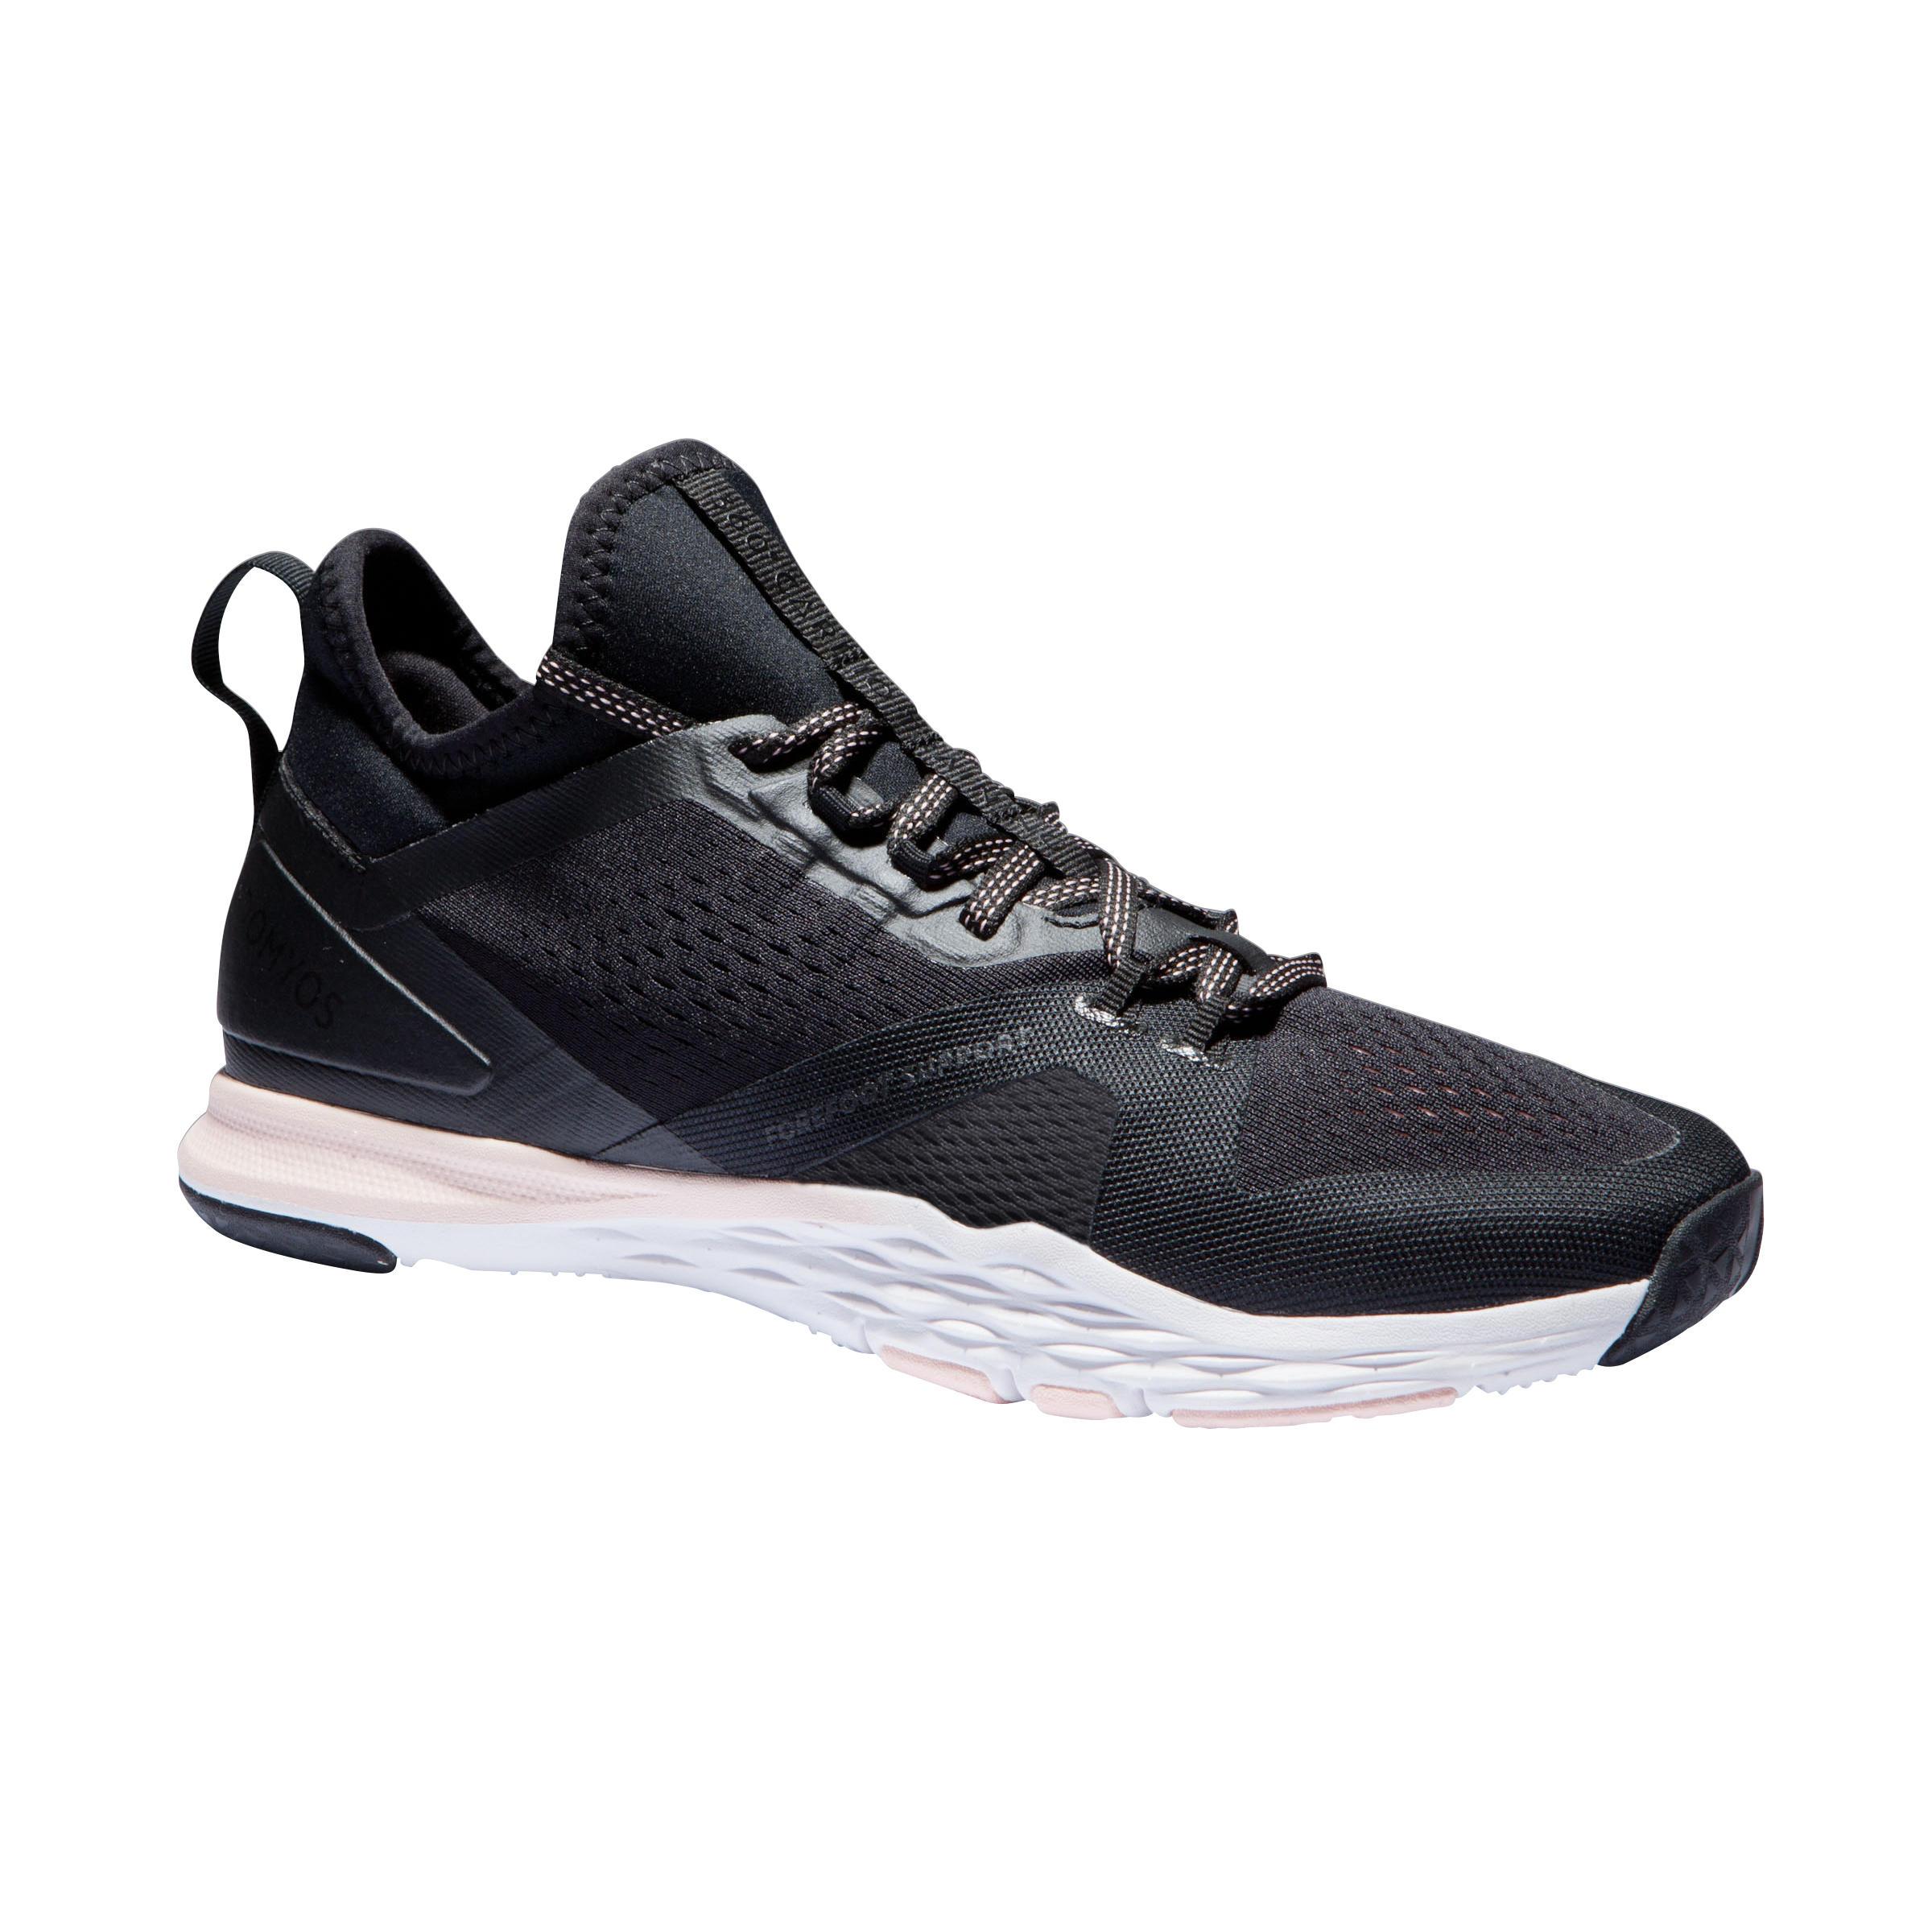 cfa697ee7 Comprar Zapatillas de Fitness para Mujer online